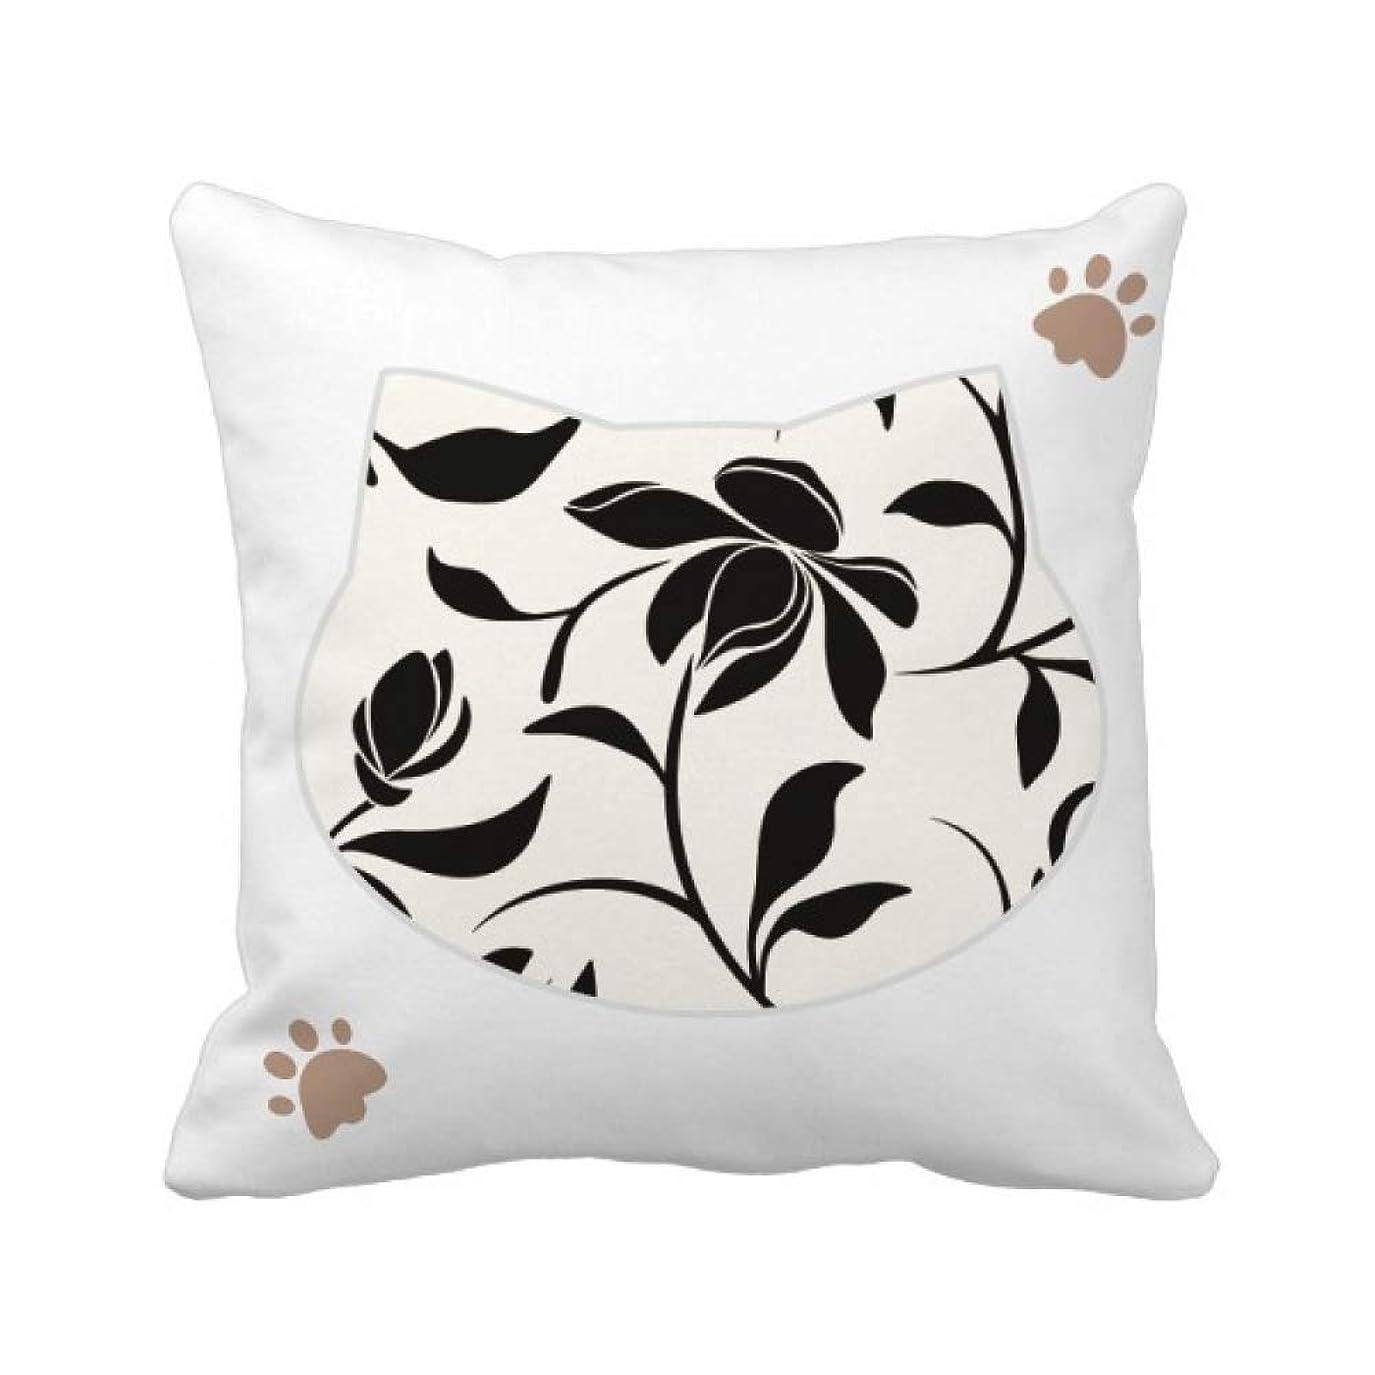 パッチ三触覚花のつる植物を描くアート 枕カバーを放り投げる猫広場 50cm x 50cm